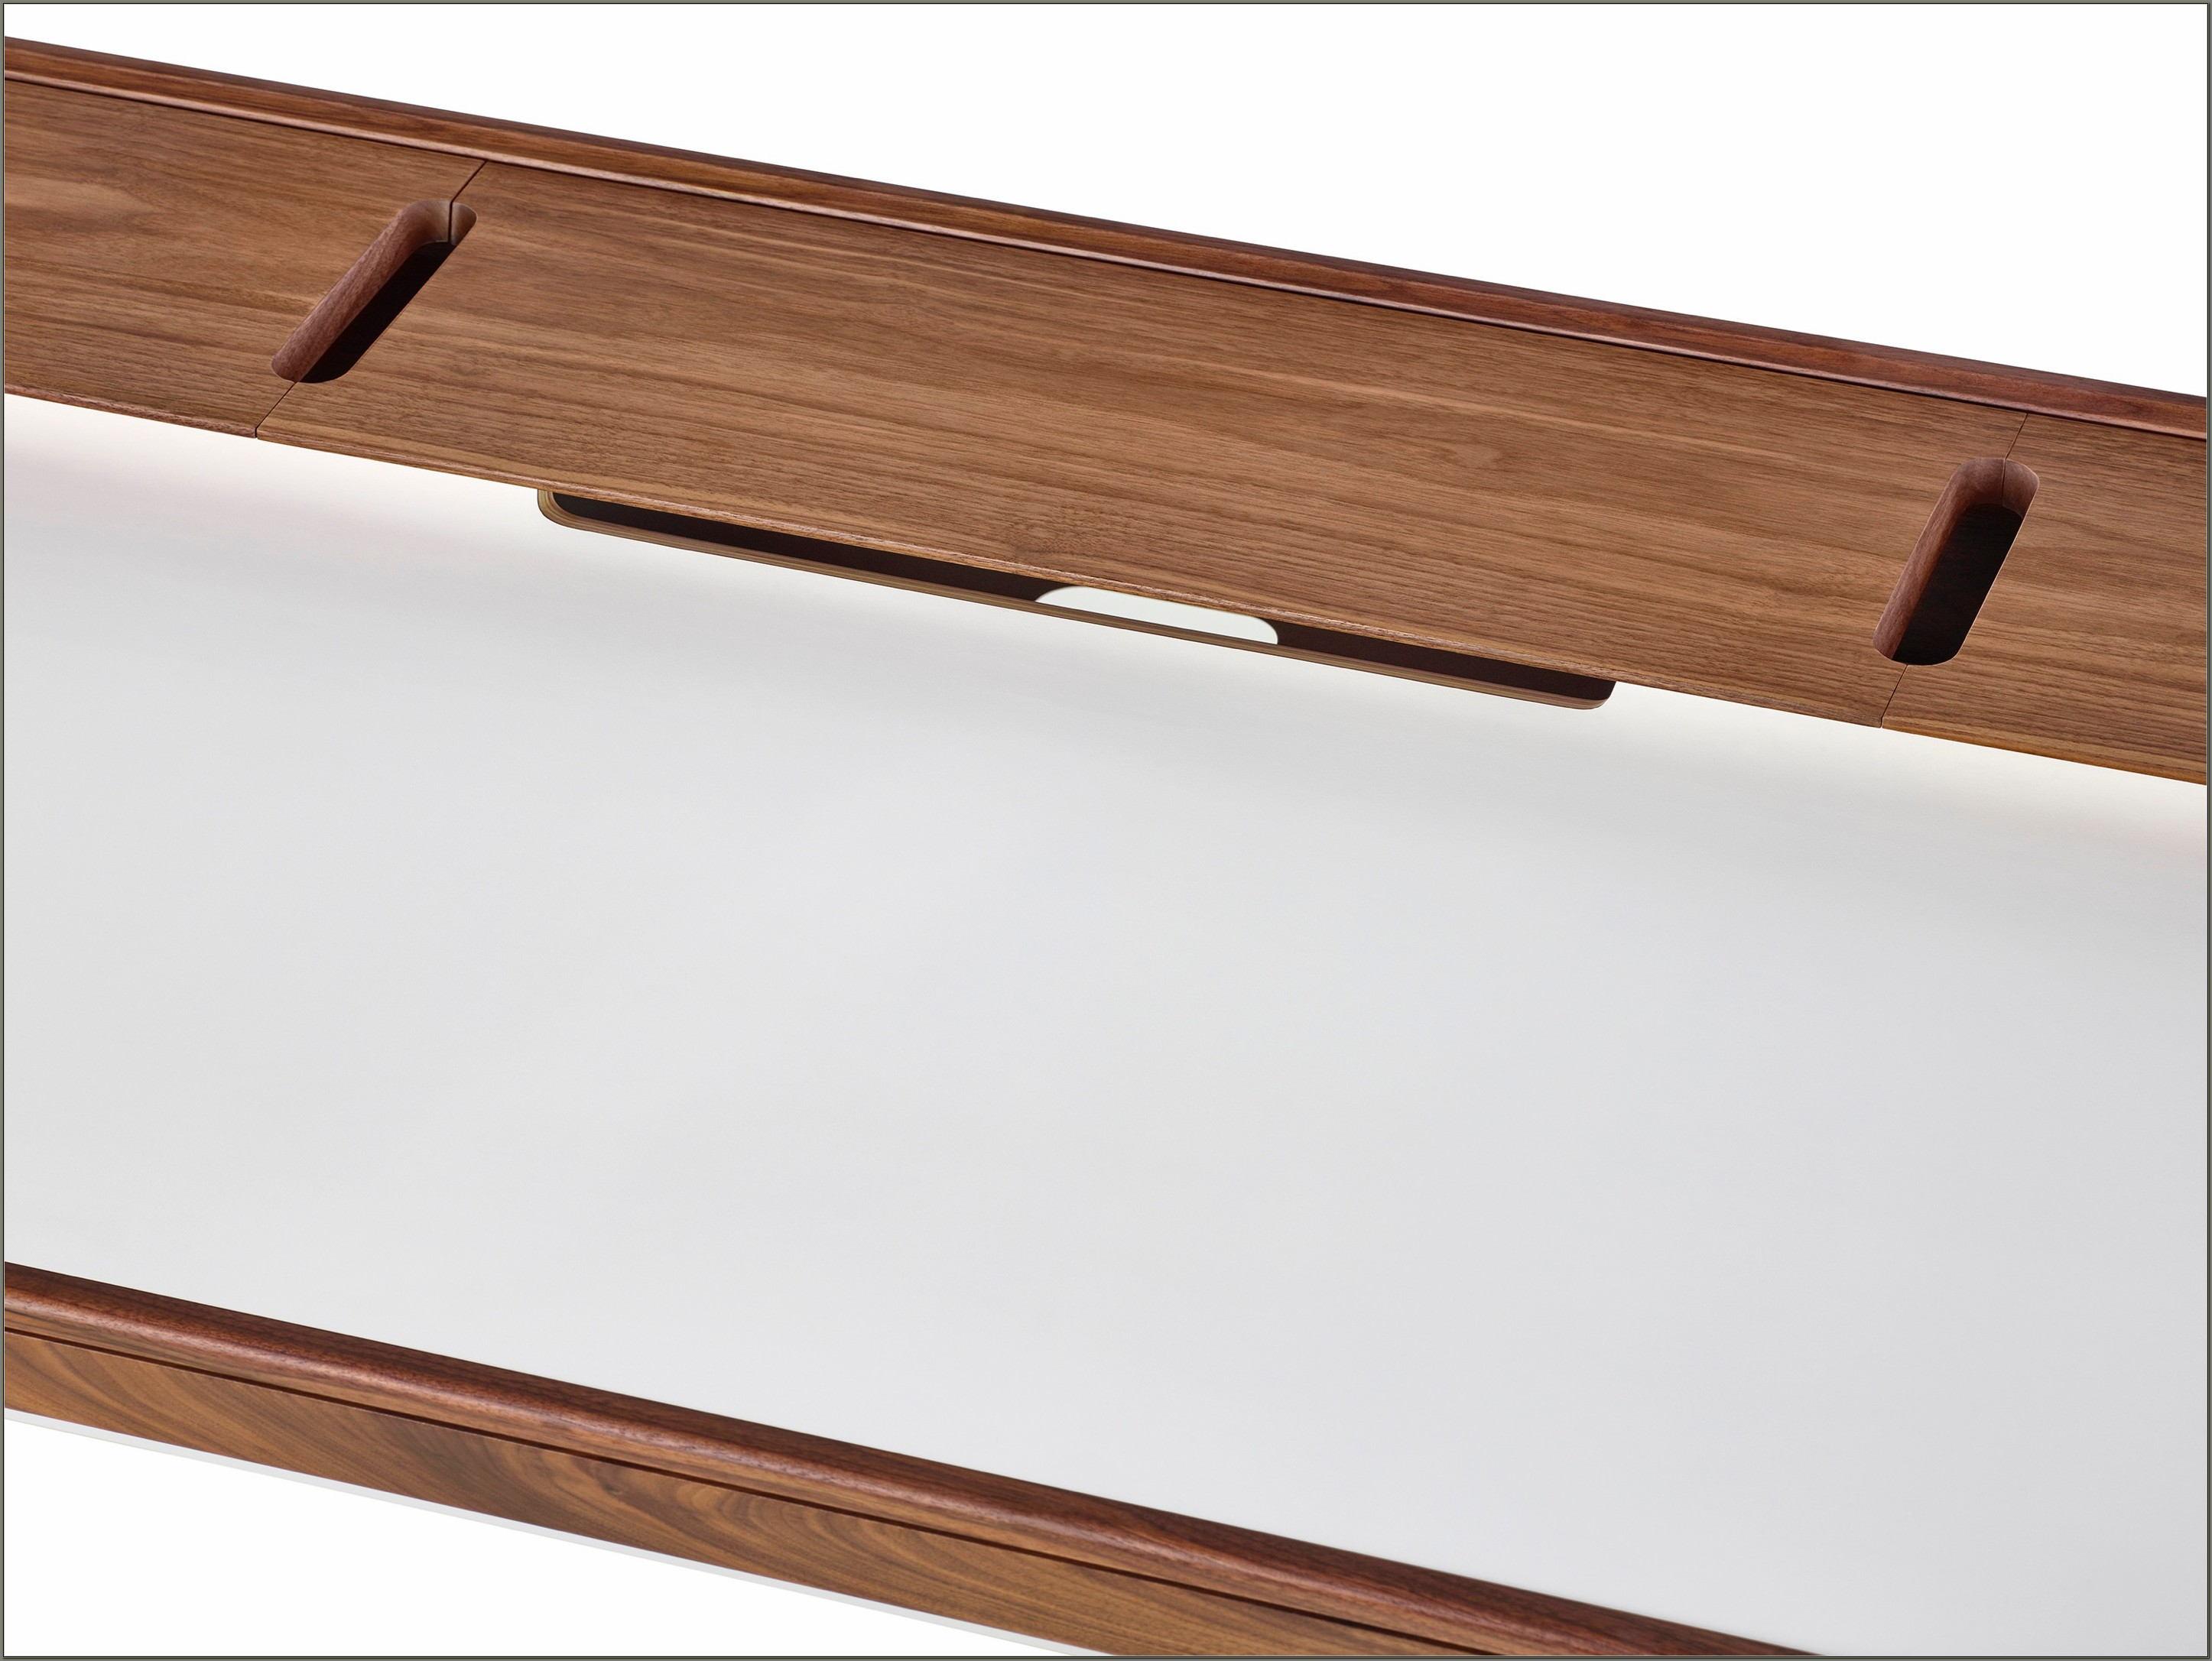 Herman Miller Airia Desk Dimensions